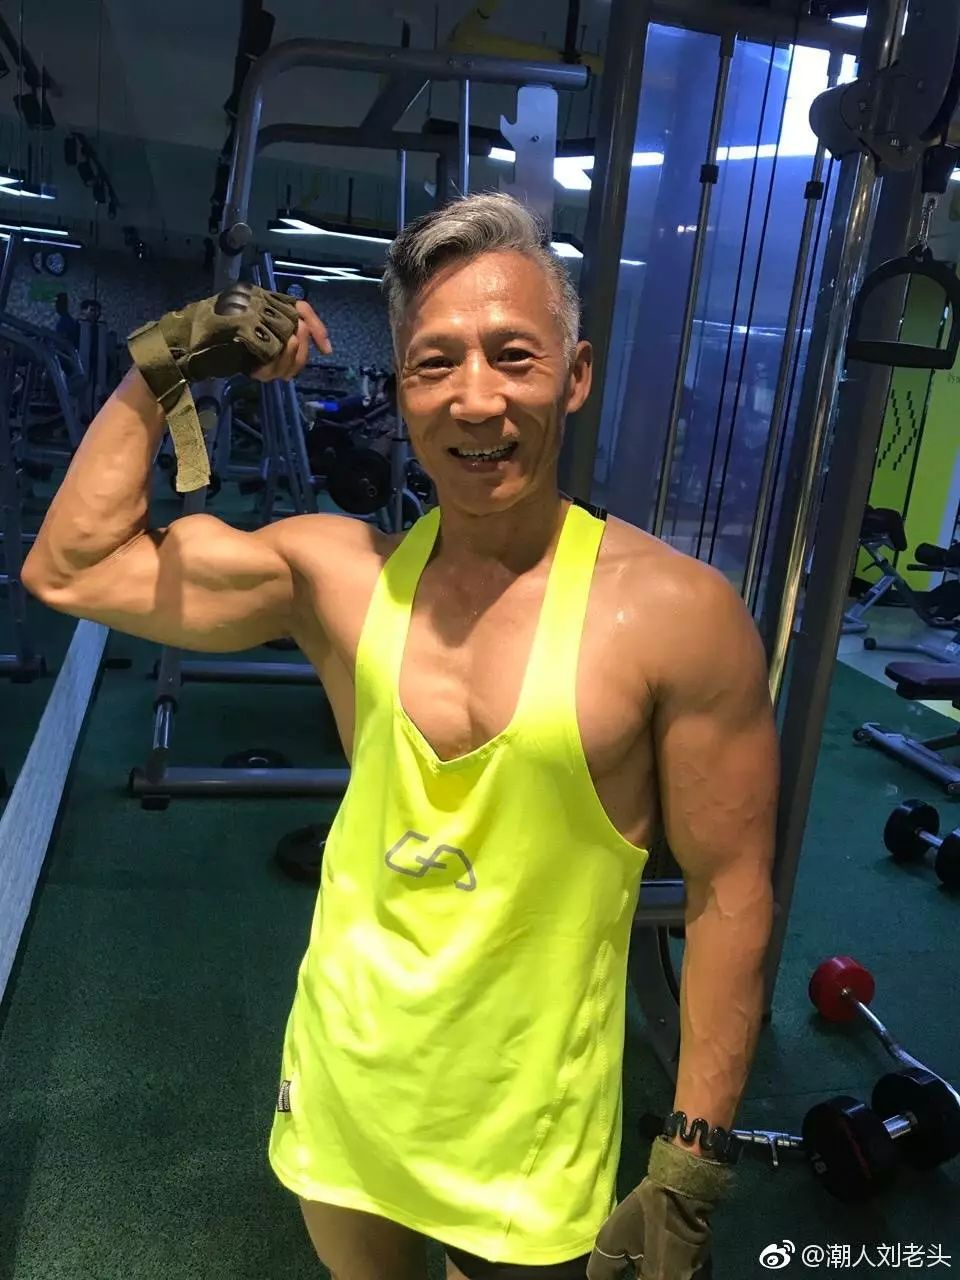 61岁中国大爷 爆红米兰时装周 吸粉70万 碾压所有小鲜肉